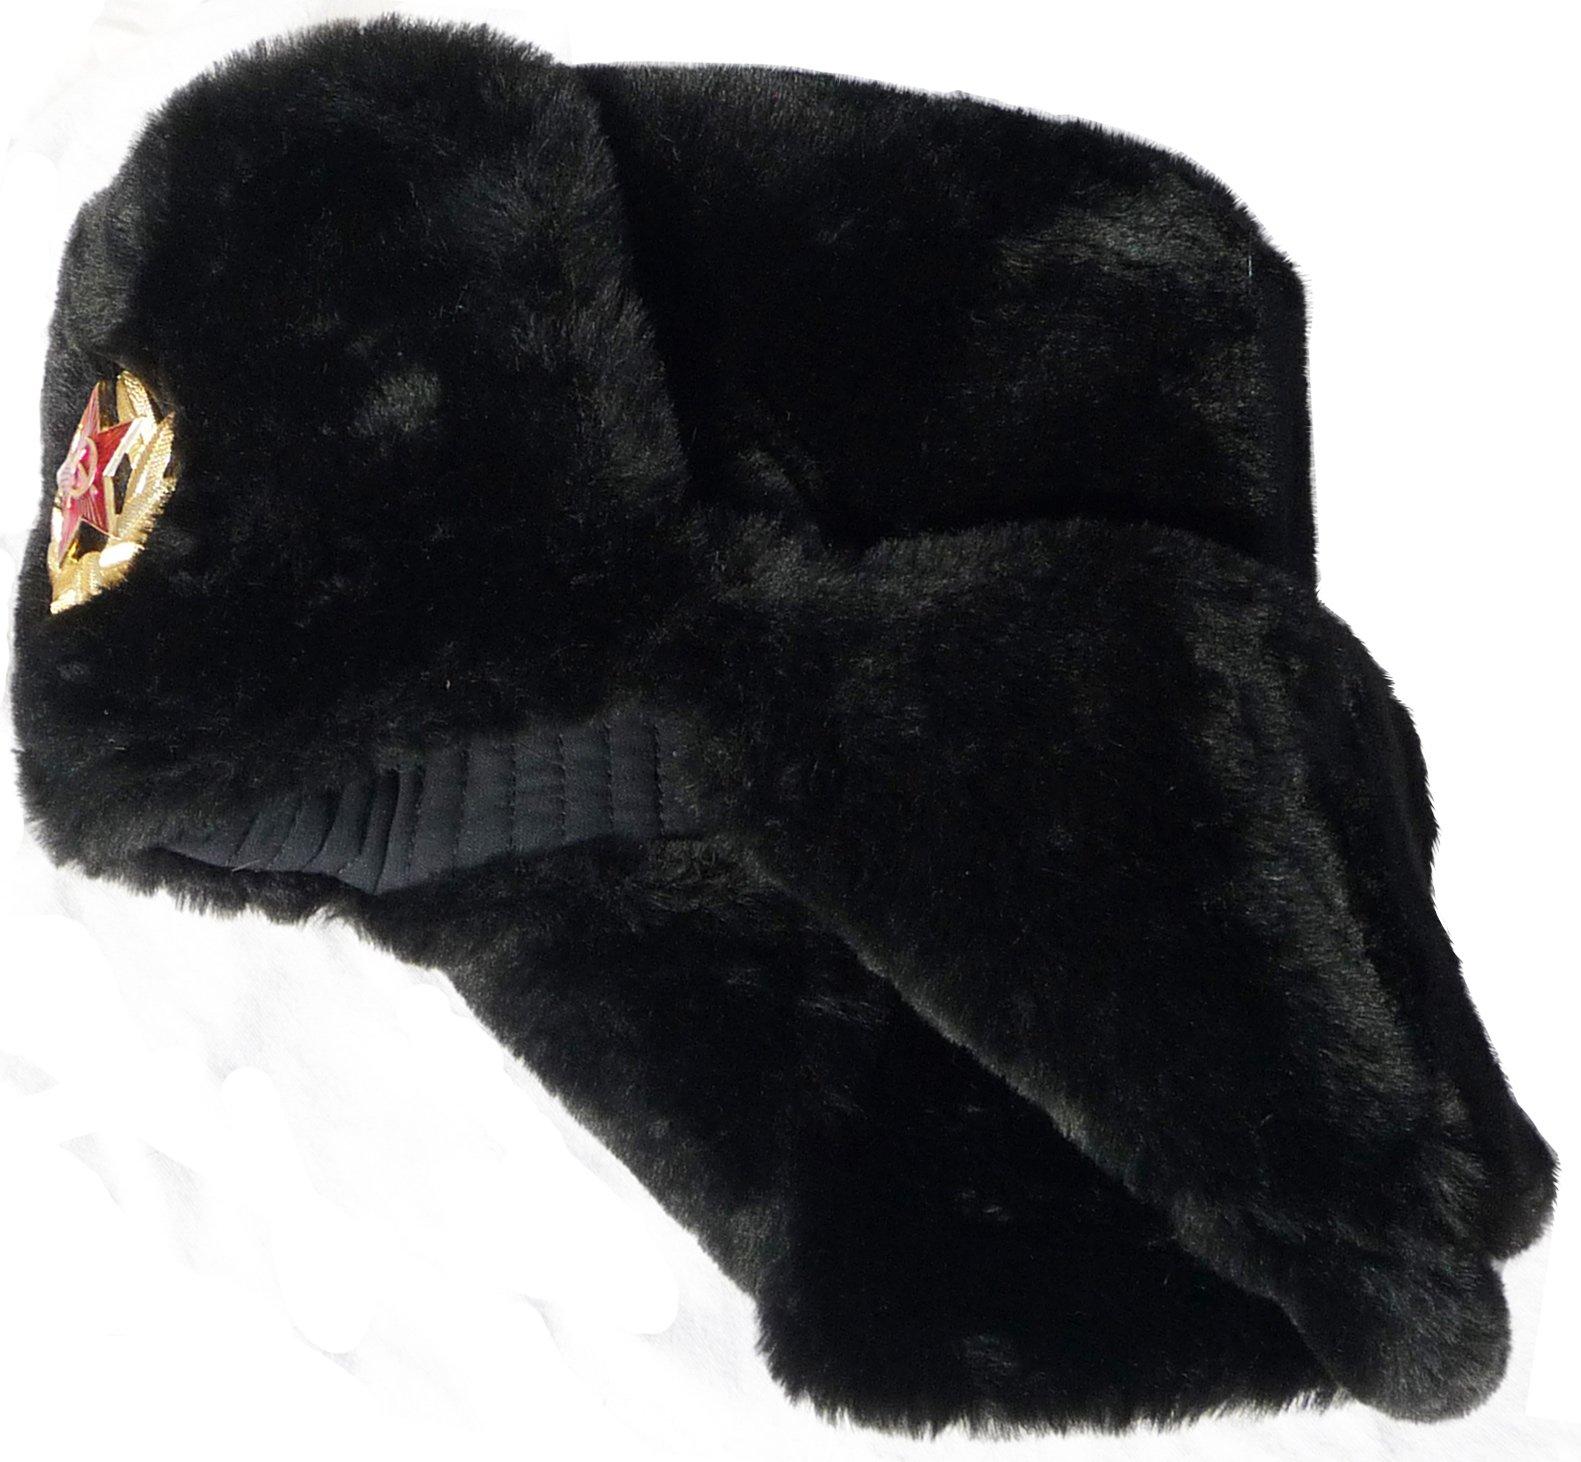 Soviet Star Size L USSR Army Winter Black Fur USHANKA HAT Russian